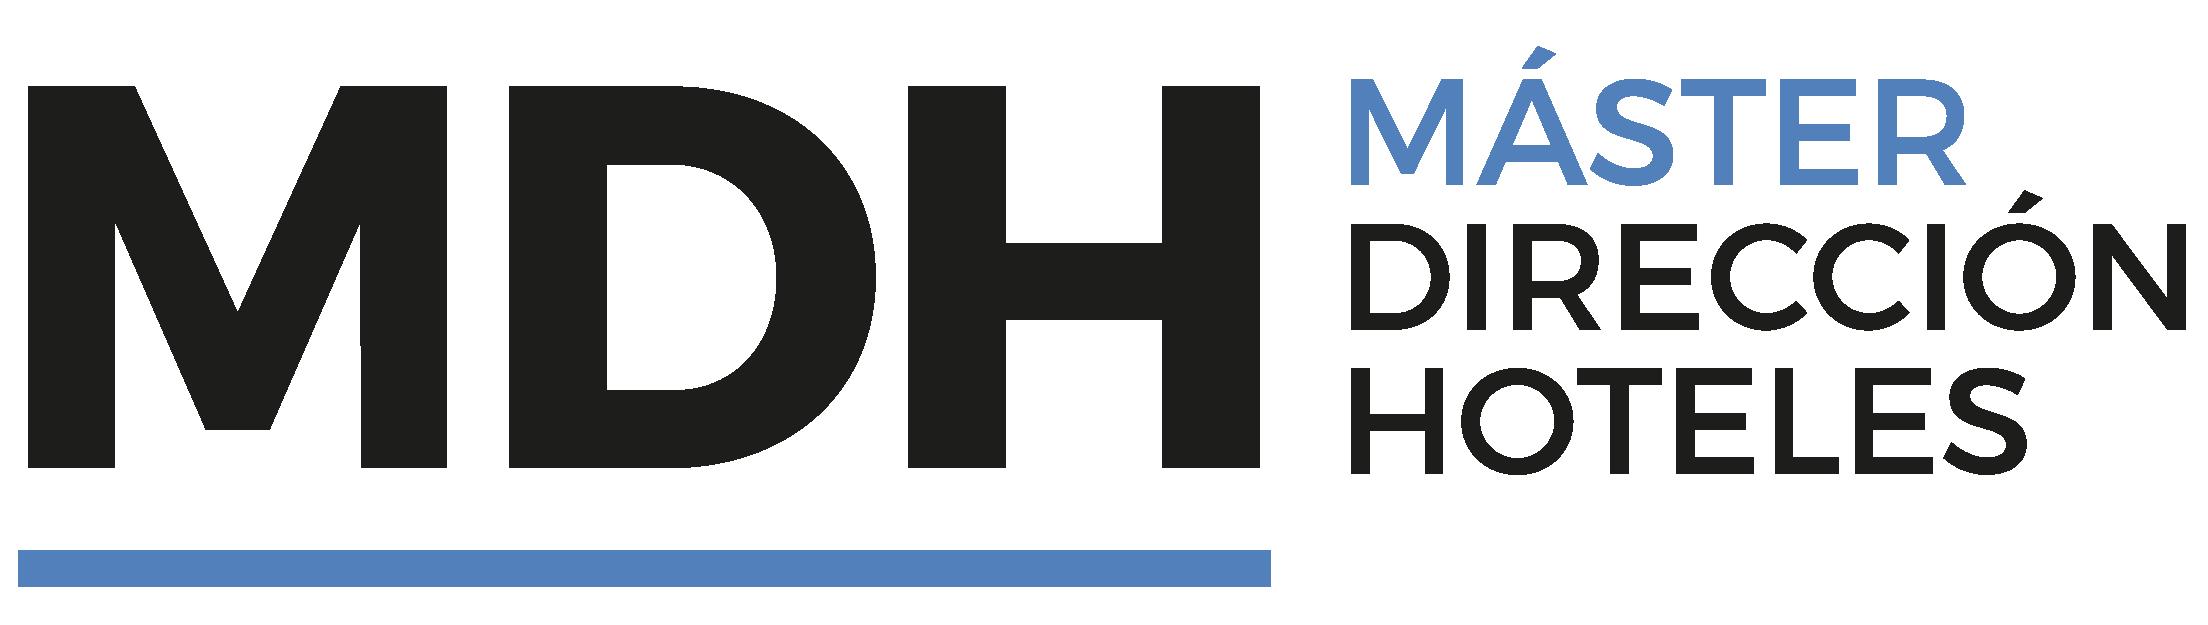 Máster en Dirección de Hoteles - masterdireccionhoteles.com